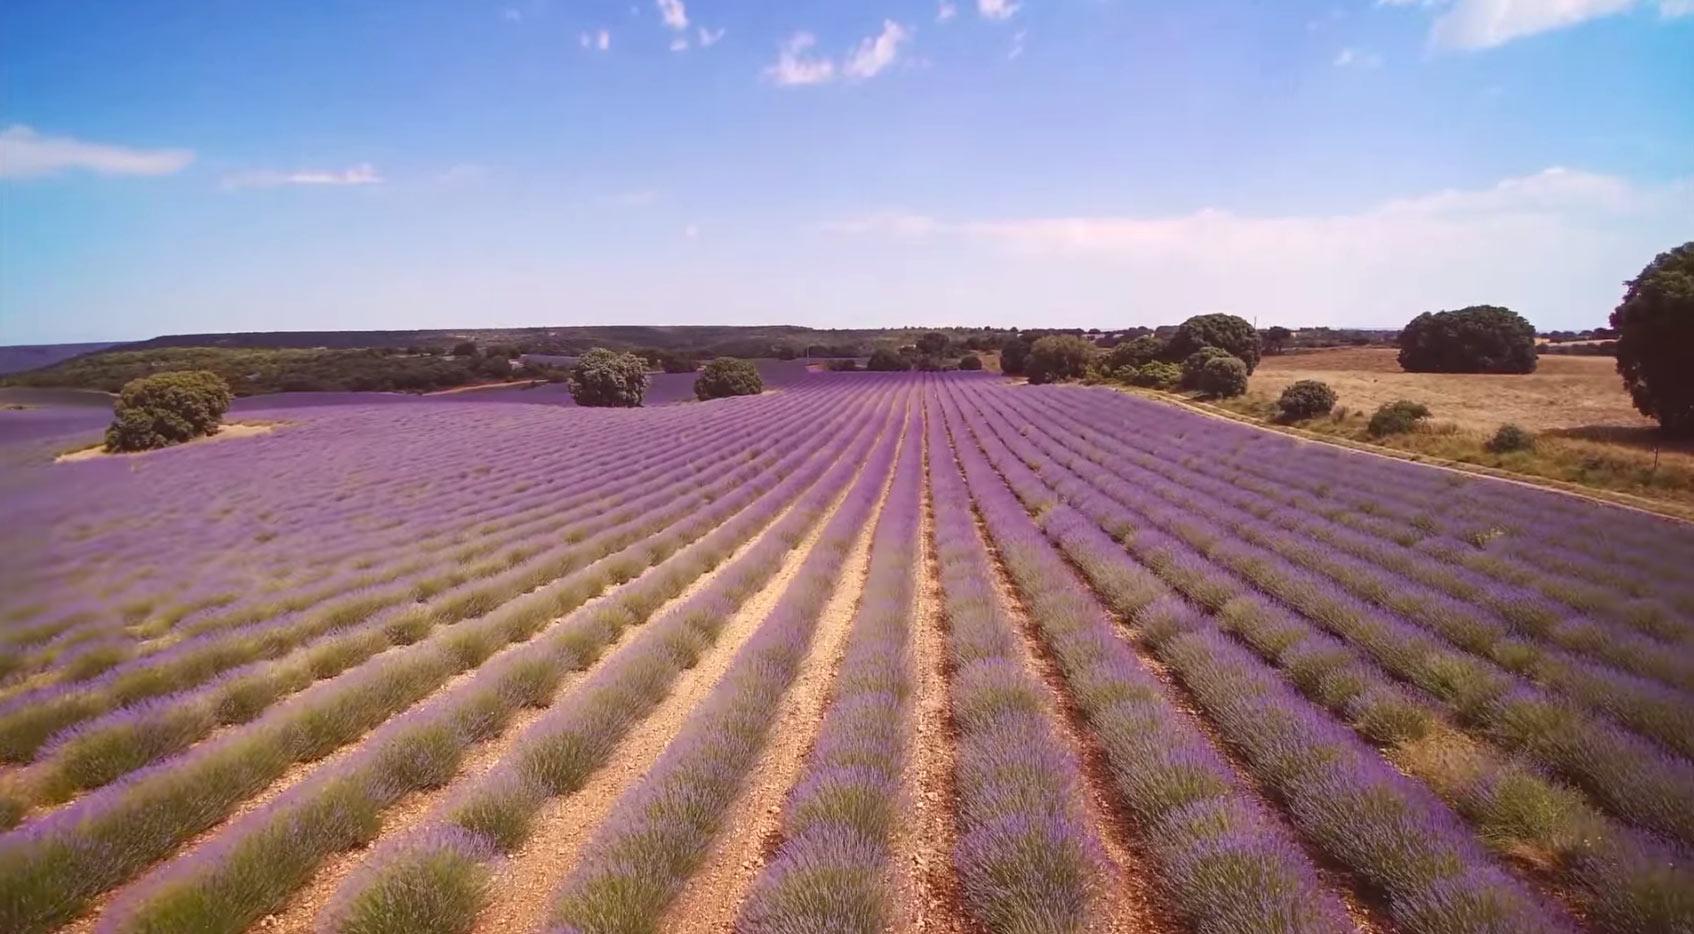 Plantaciones de lavanda. imagen vía Ayuntamiento de Brihuega.